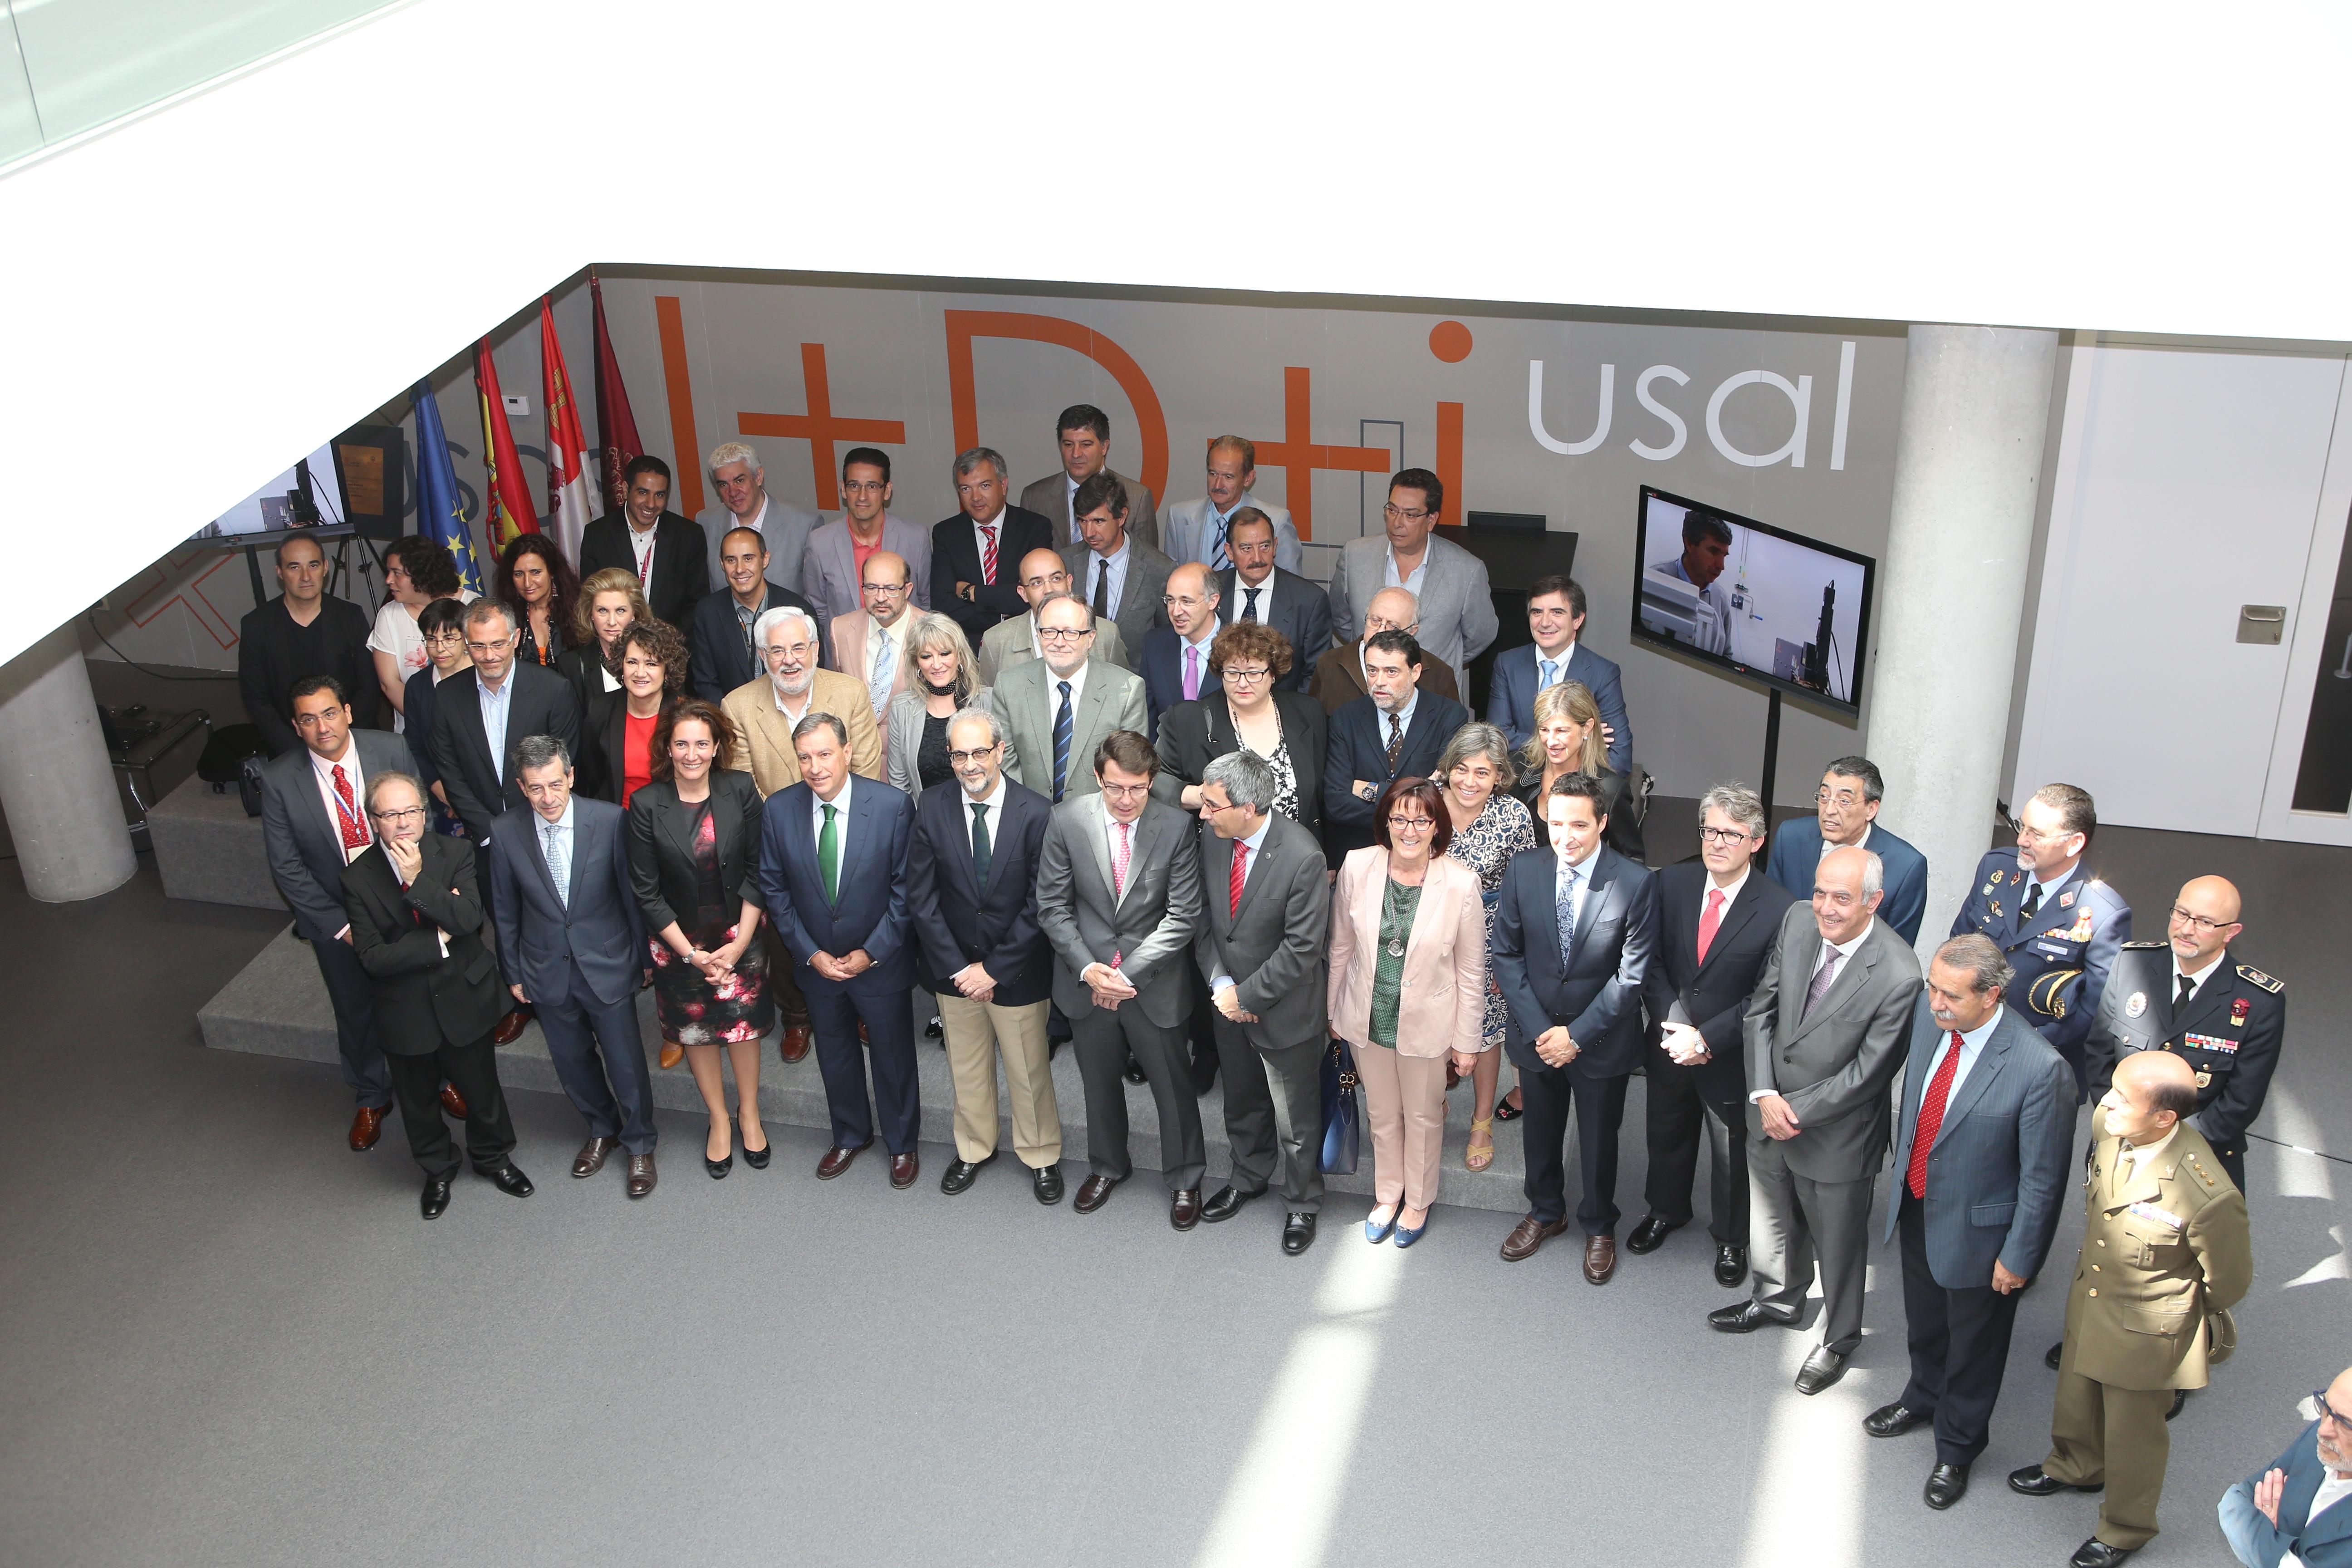 La Universidad de Salamanca impulsa su actividad investigadora con la inauguración de su edificio Multiusos I+D+i